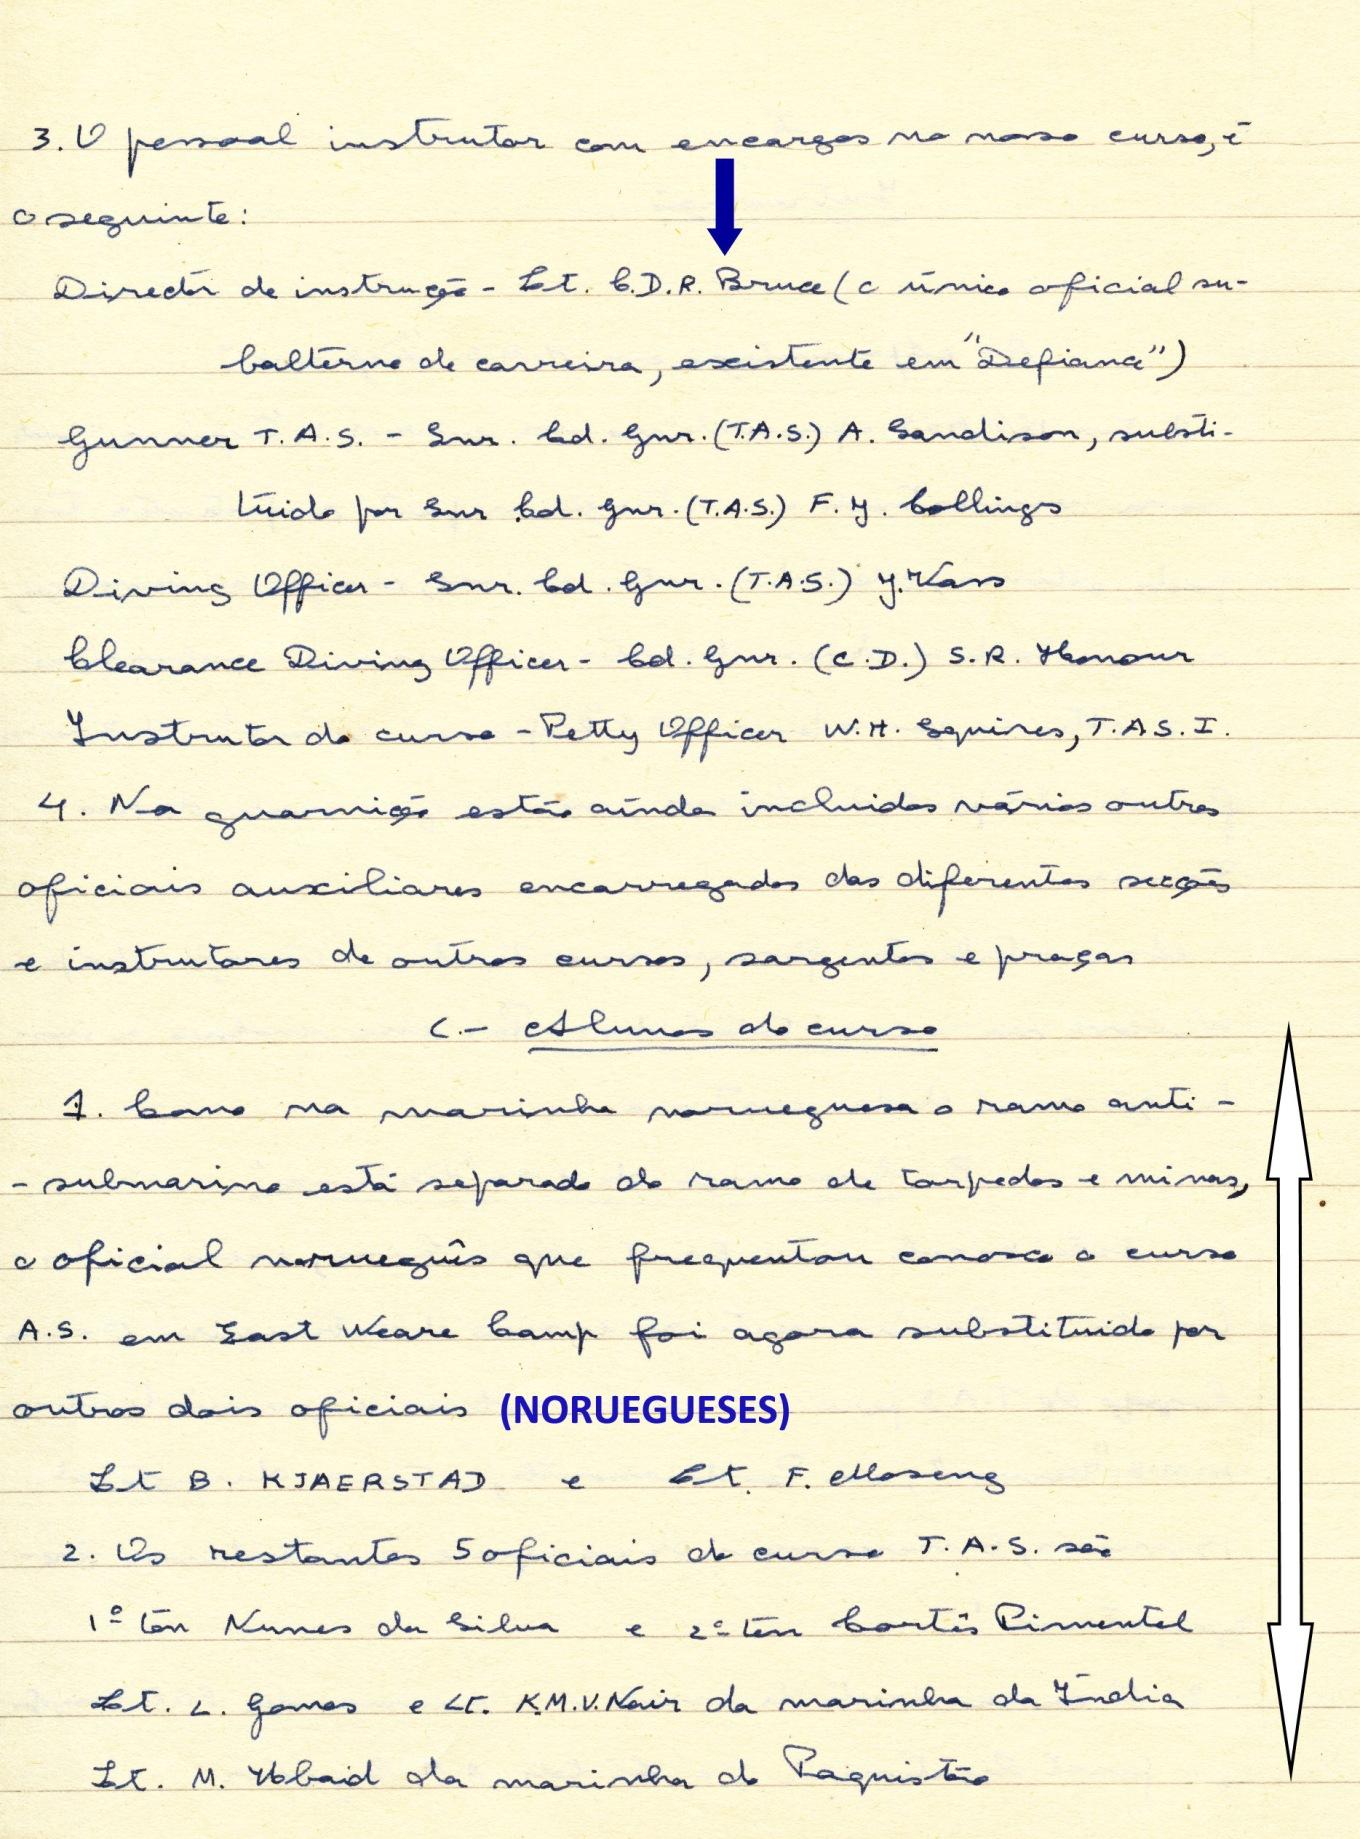 00278 955-01-02 extracto de cópia do meu 1º relatório de HMS Defience identificando alunos e instrutores -pg 2